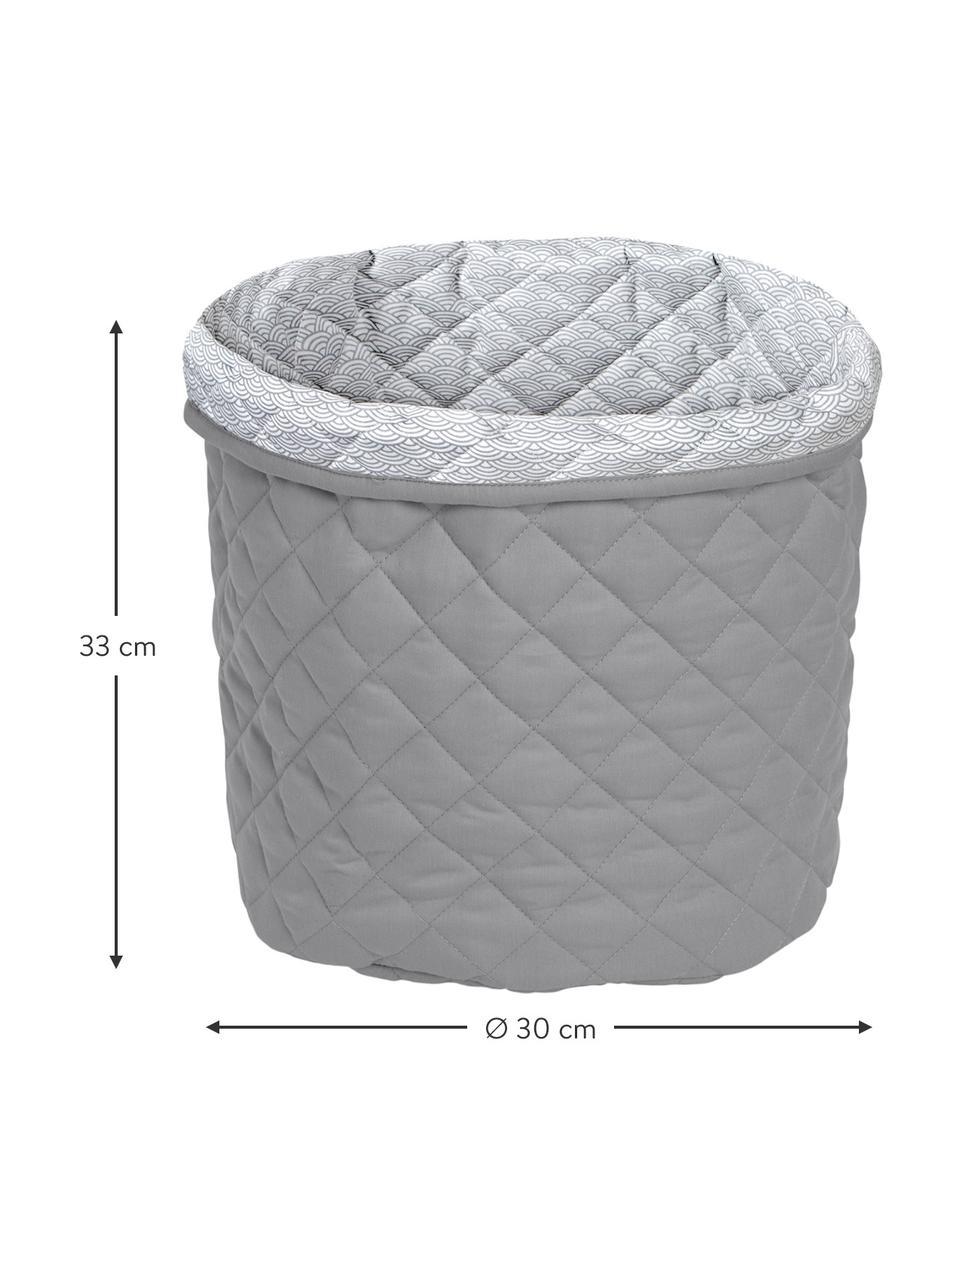 Aufbewahrungskorb Wave aus Bio-Baumwolle, Bezug: 100% Biobaumwolle, Öko-Te, Grau, Ø 30 x H 33 cm